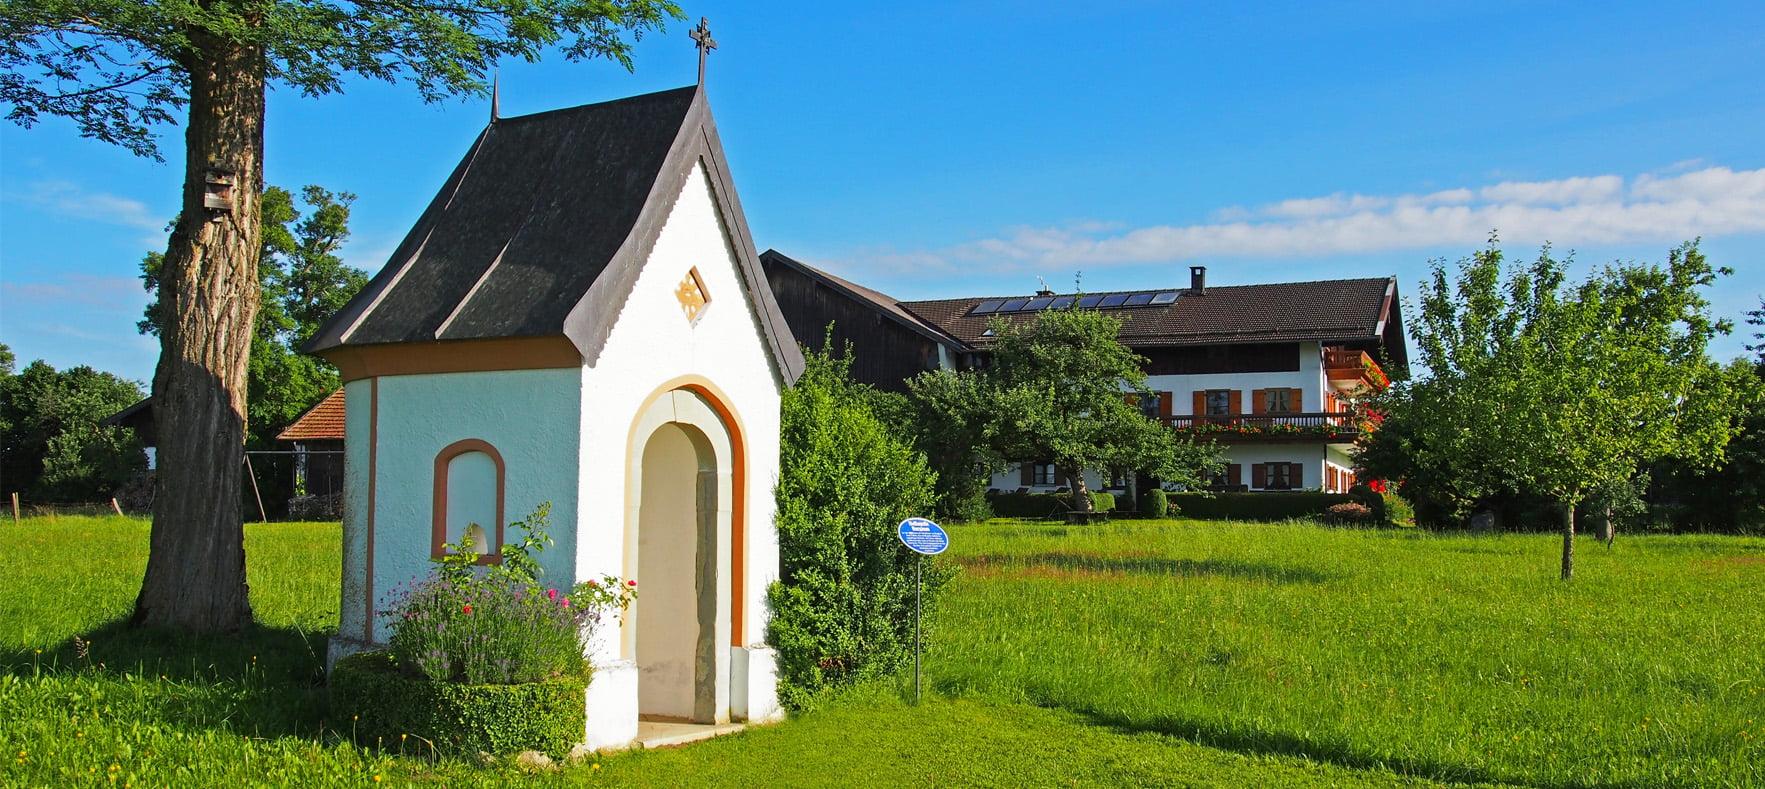 Kapelle - Unser Hof